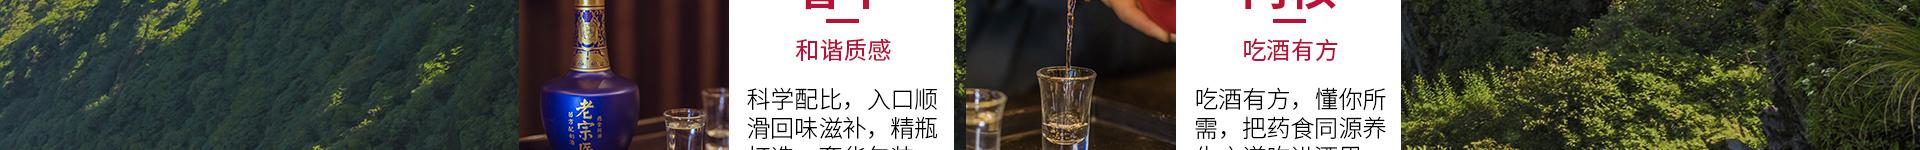 老宗医-吃酒有方-33